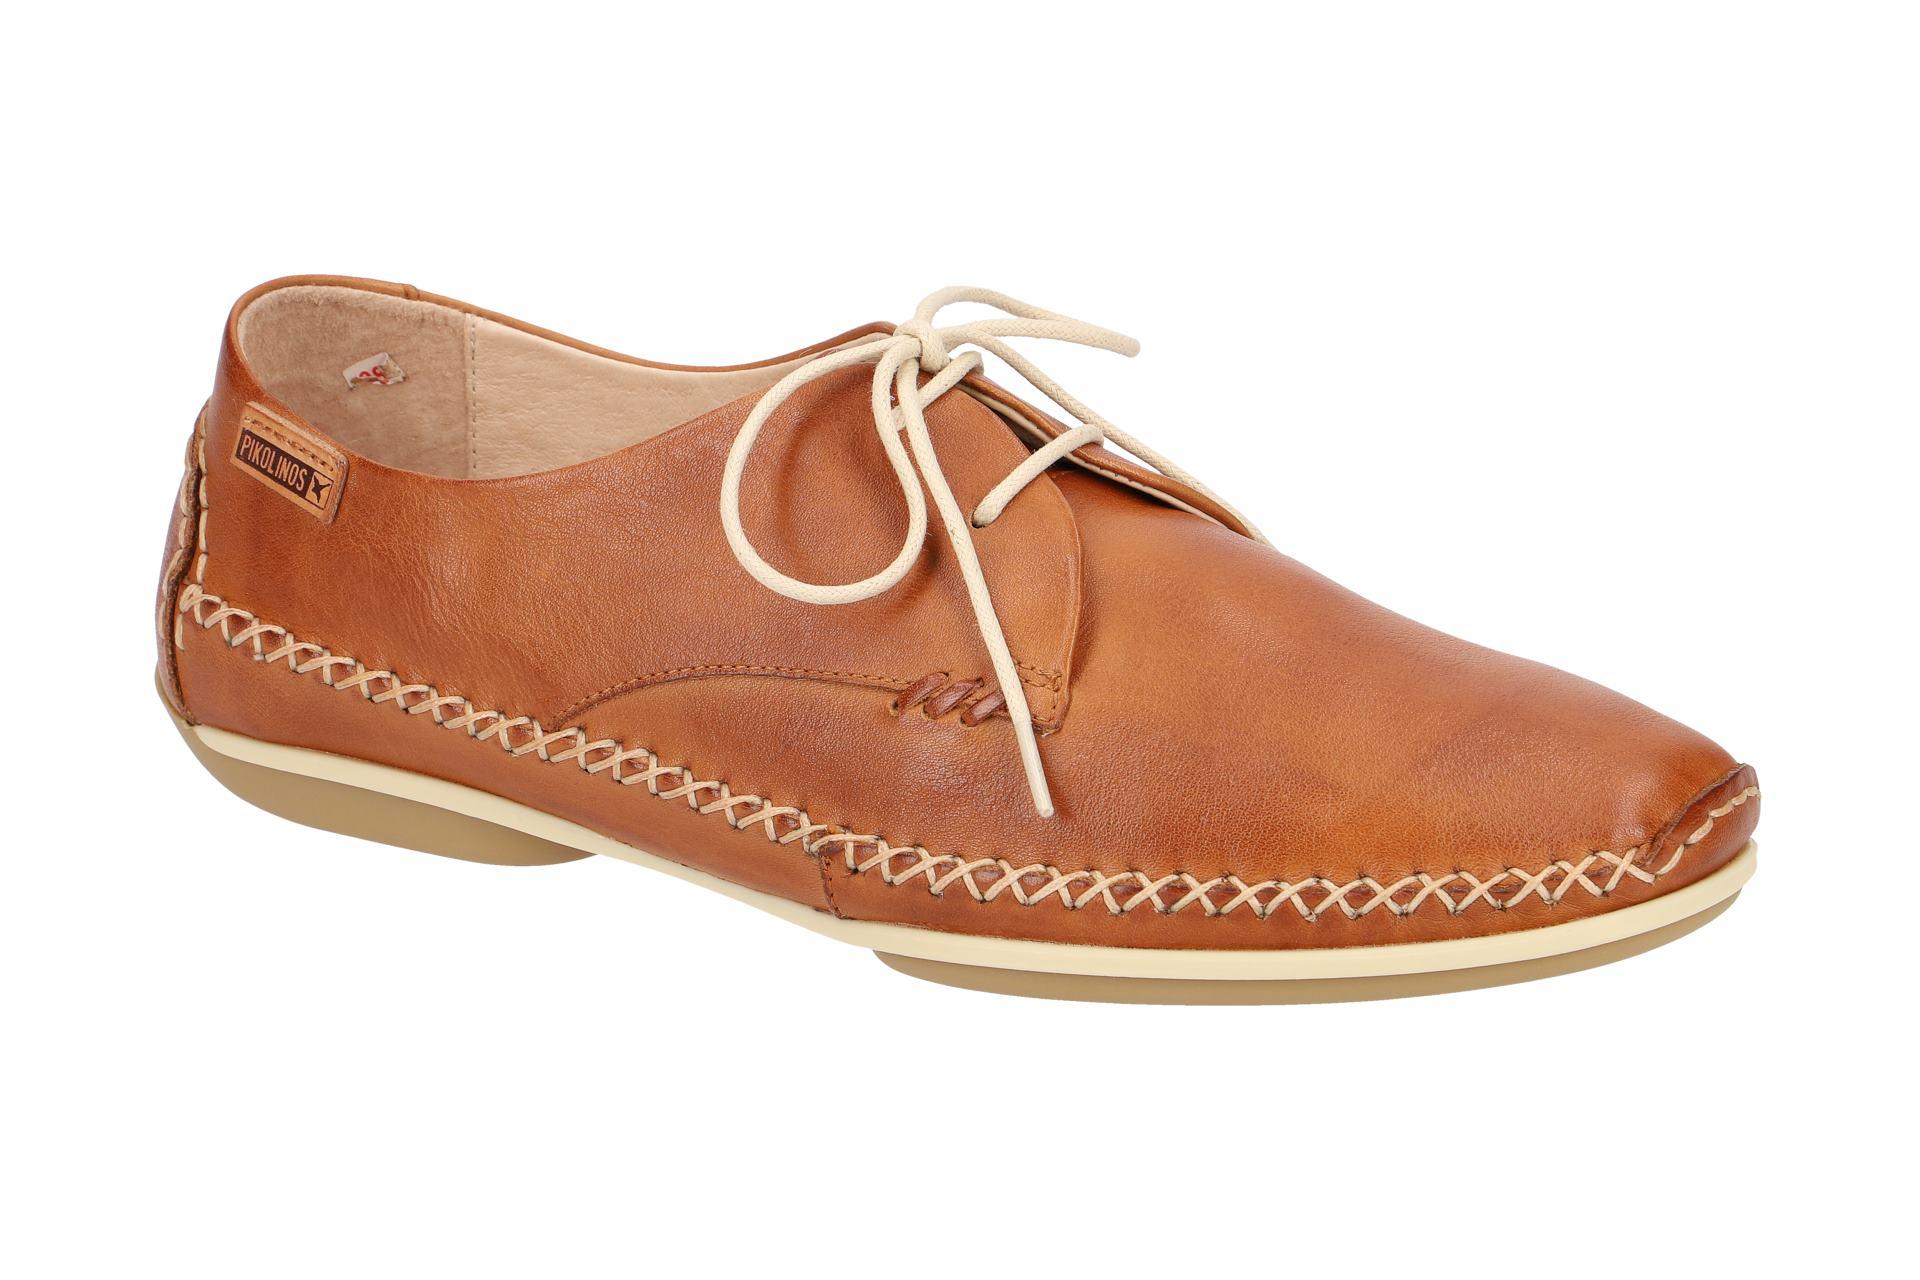 Pikolinos Roma Schuhe braun W1R 4682